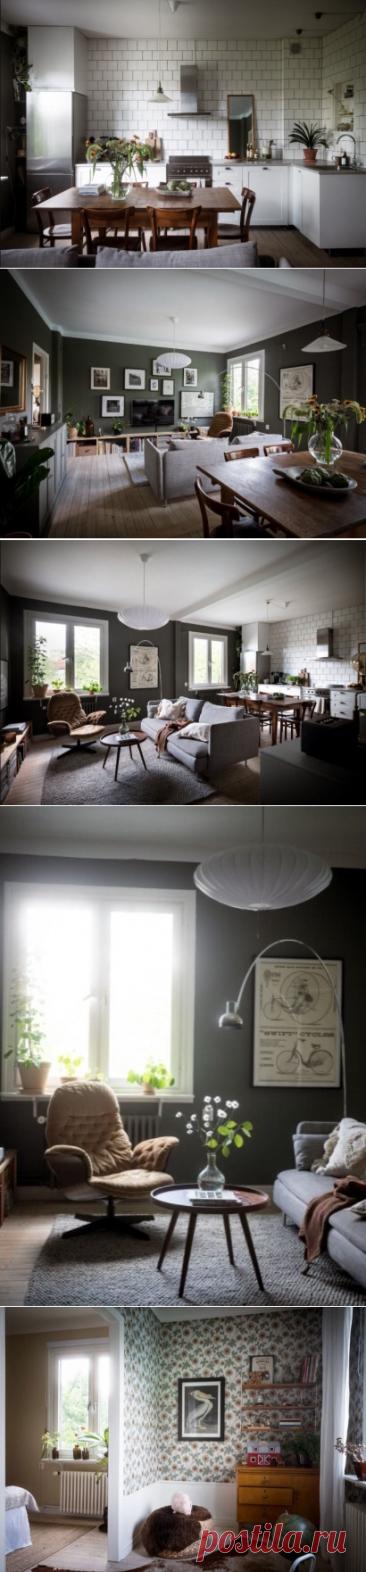 Крашеные стены и деревянный пол: красивый интерьер квартиры в старом доме, Швеция   Дом на Безымянной   Яндекс Дзен